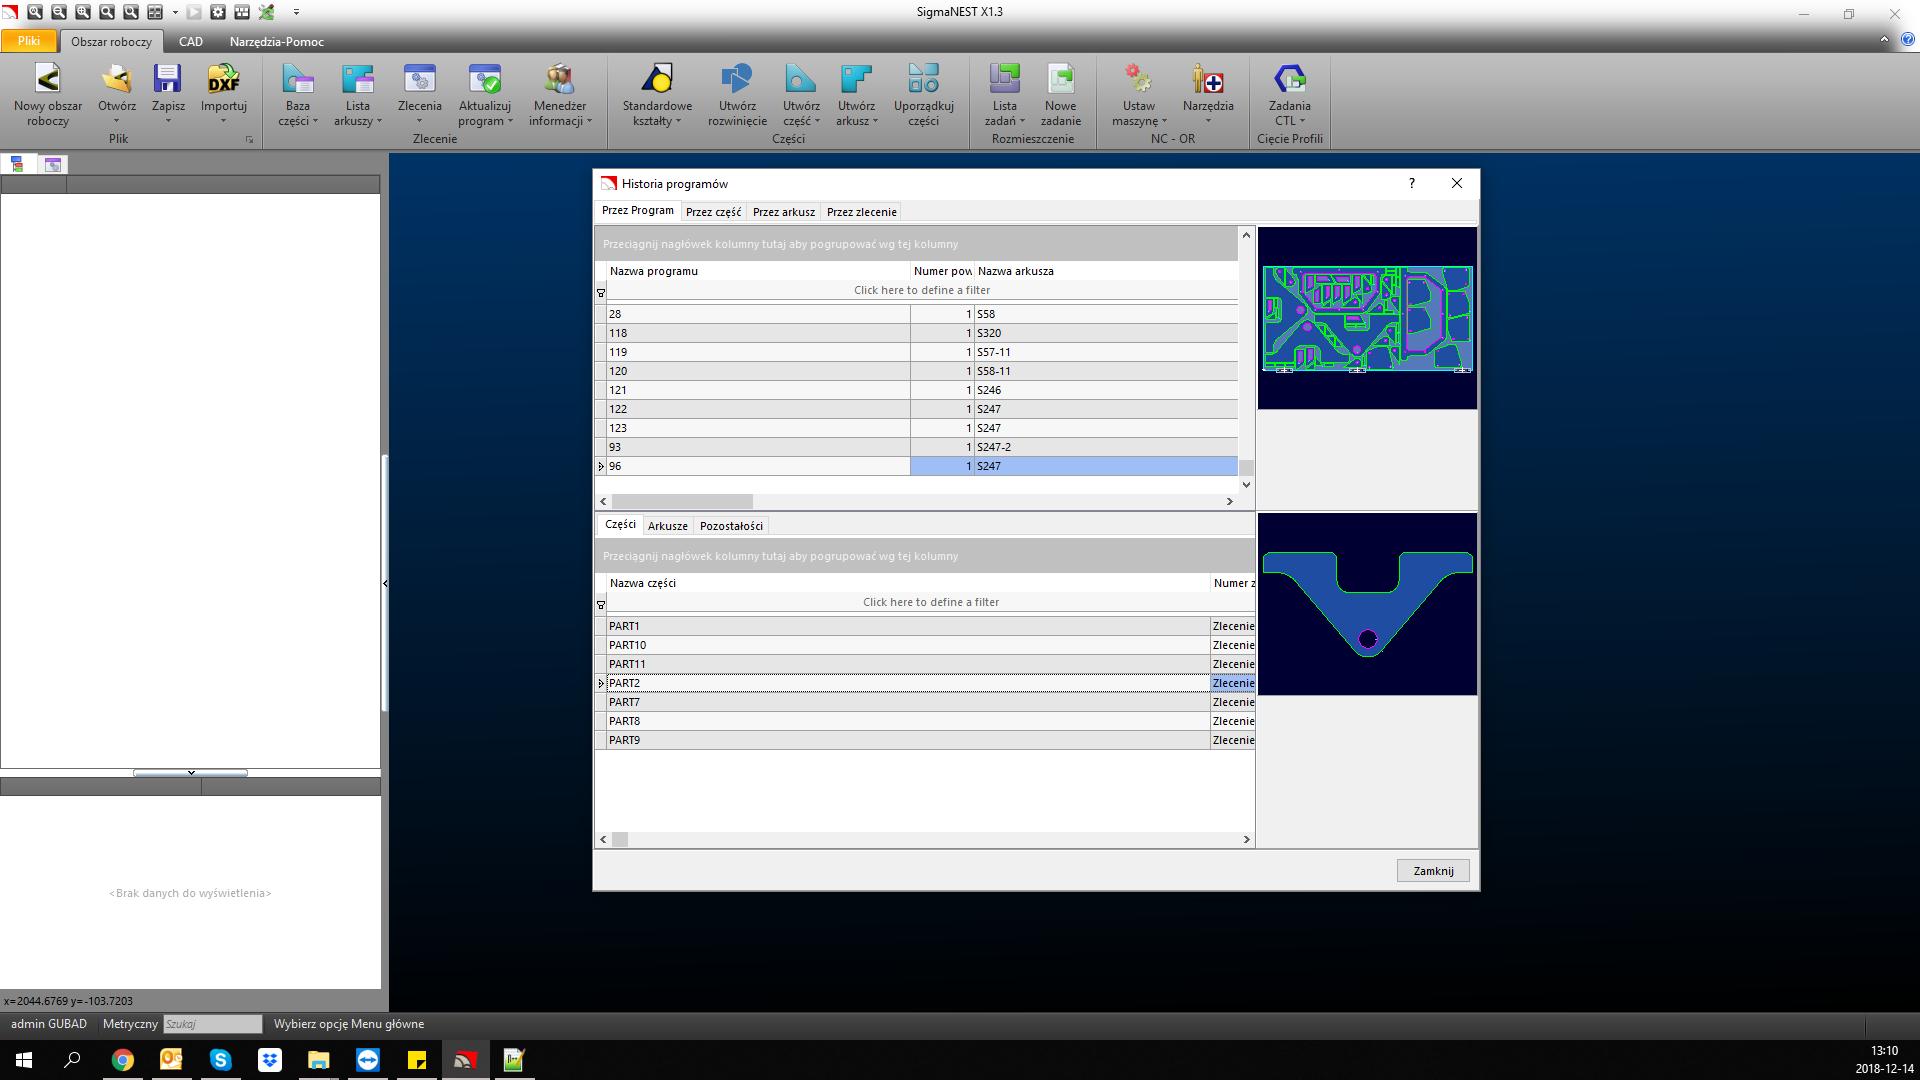 Funkcje SigmaNEST: Baza danych - wykaz programów NC, które były wypalane oraz wykaz wypalonych detali